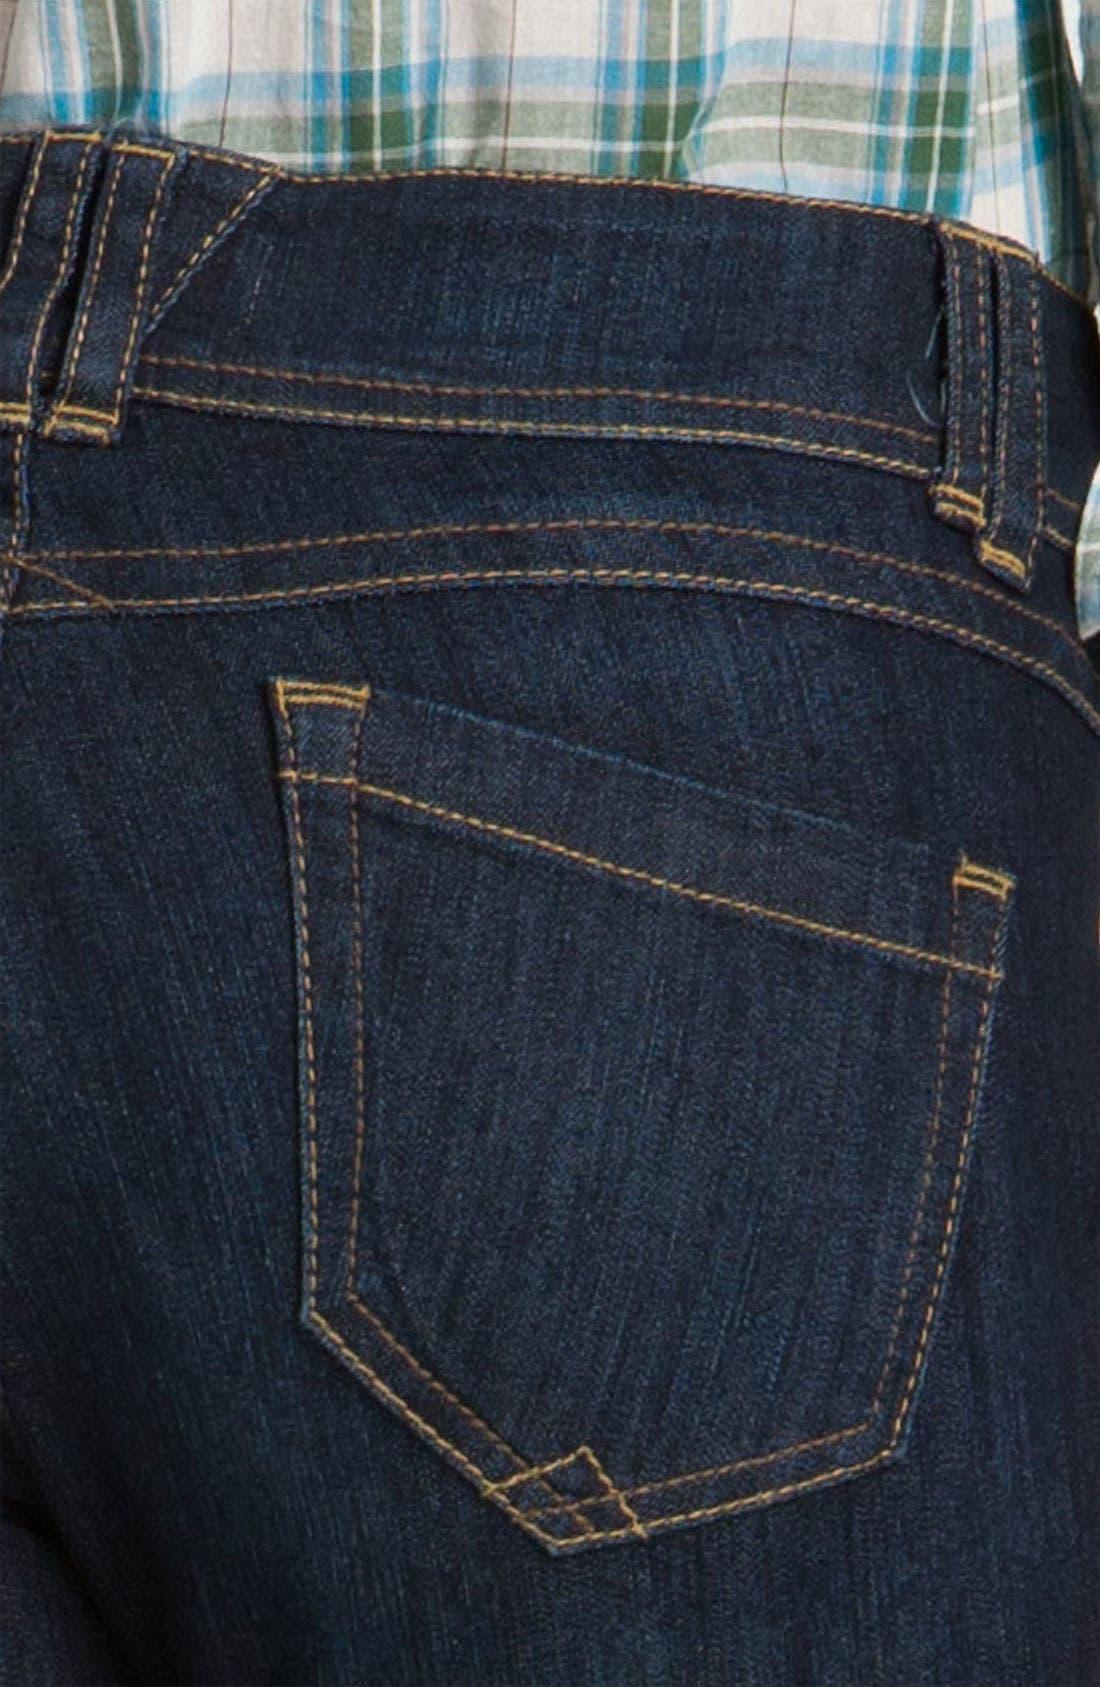 Alternate Image 3  - Wit & Wisdom Denim Leggings (Indigo Wash) (Nordstrom Exclusive)